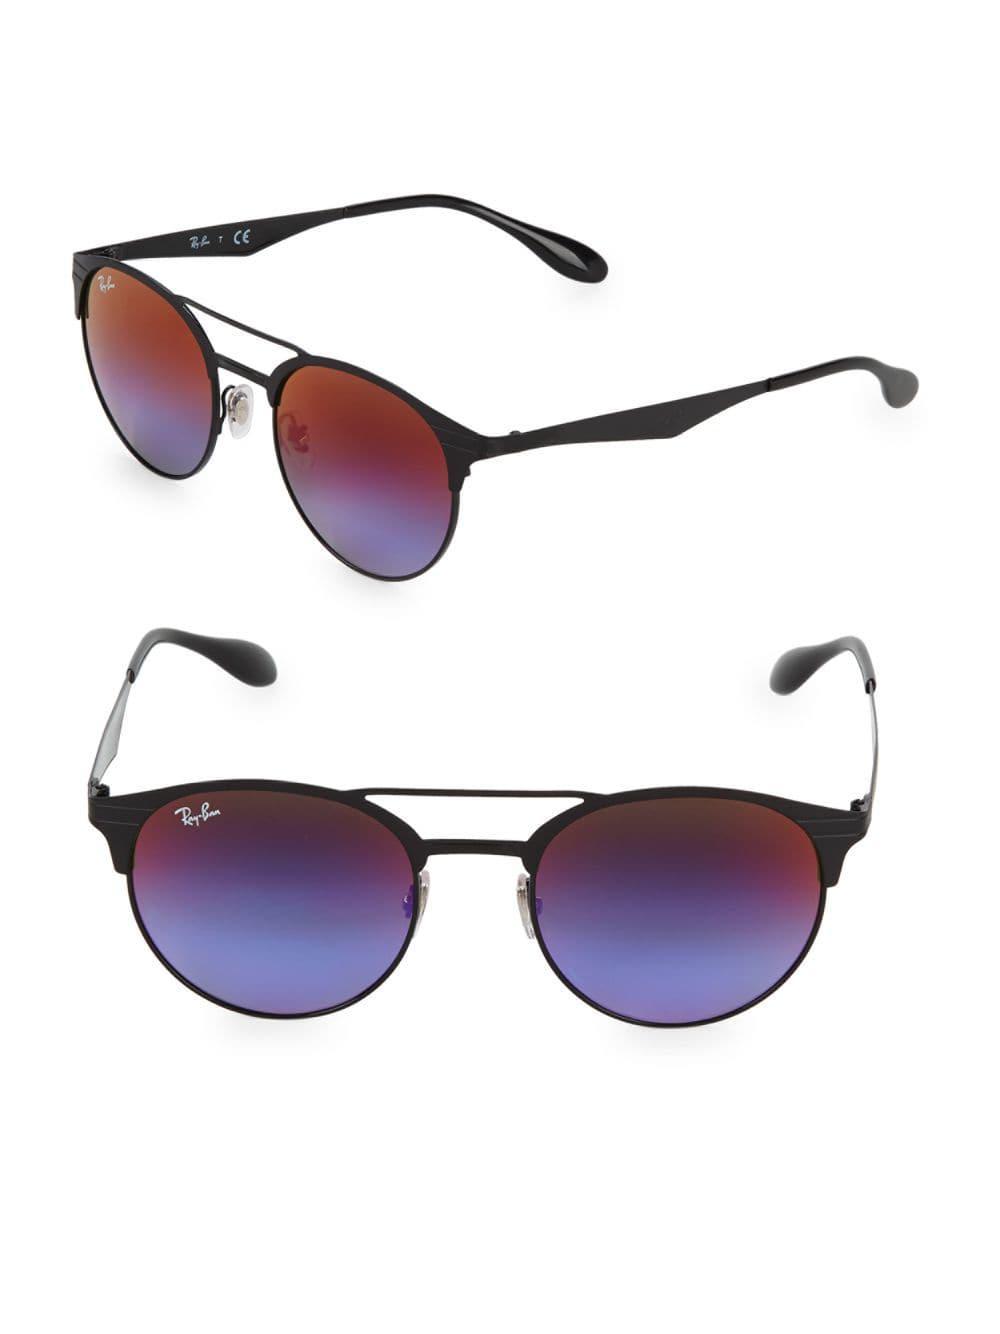 66de226e45e Ray-Ban 51mm Round Browline Sunglasses in Black - Lyst